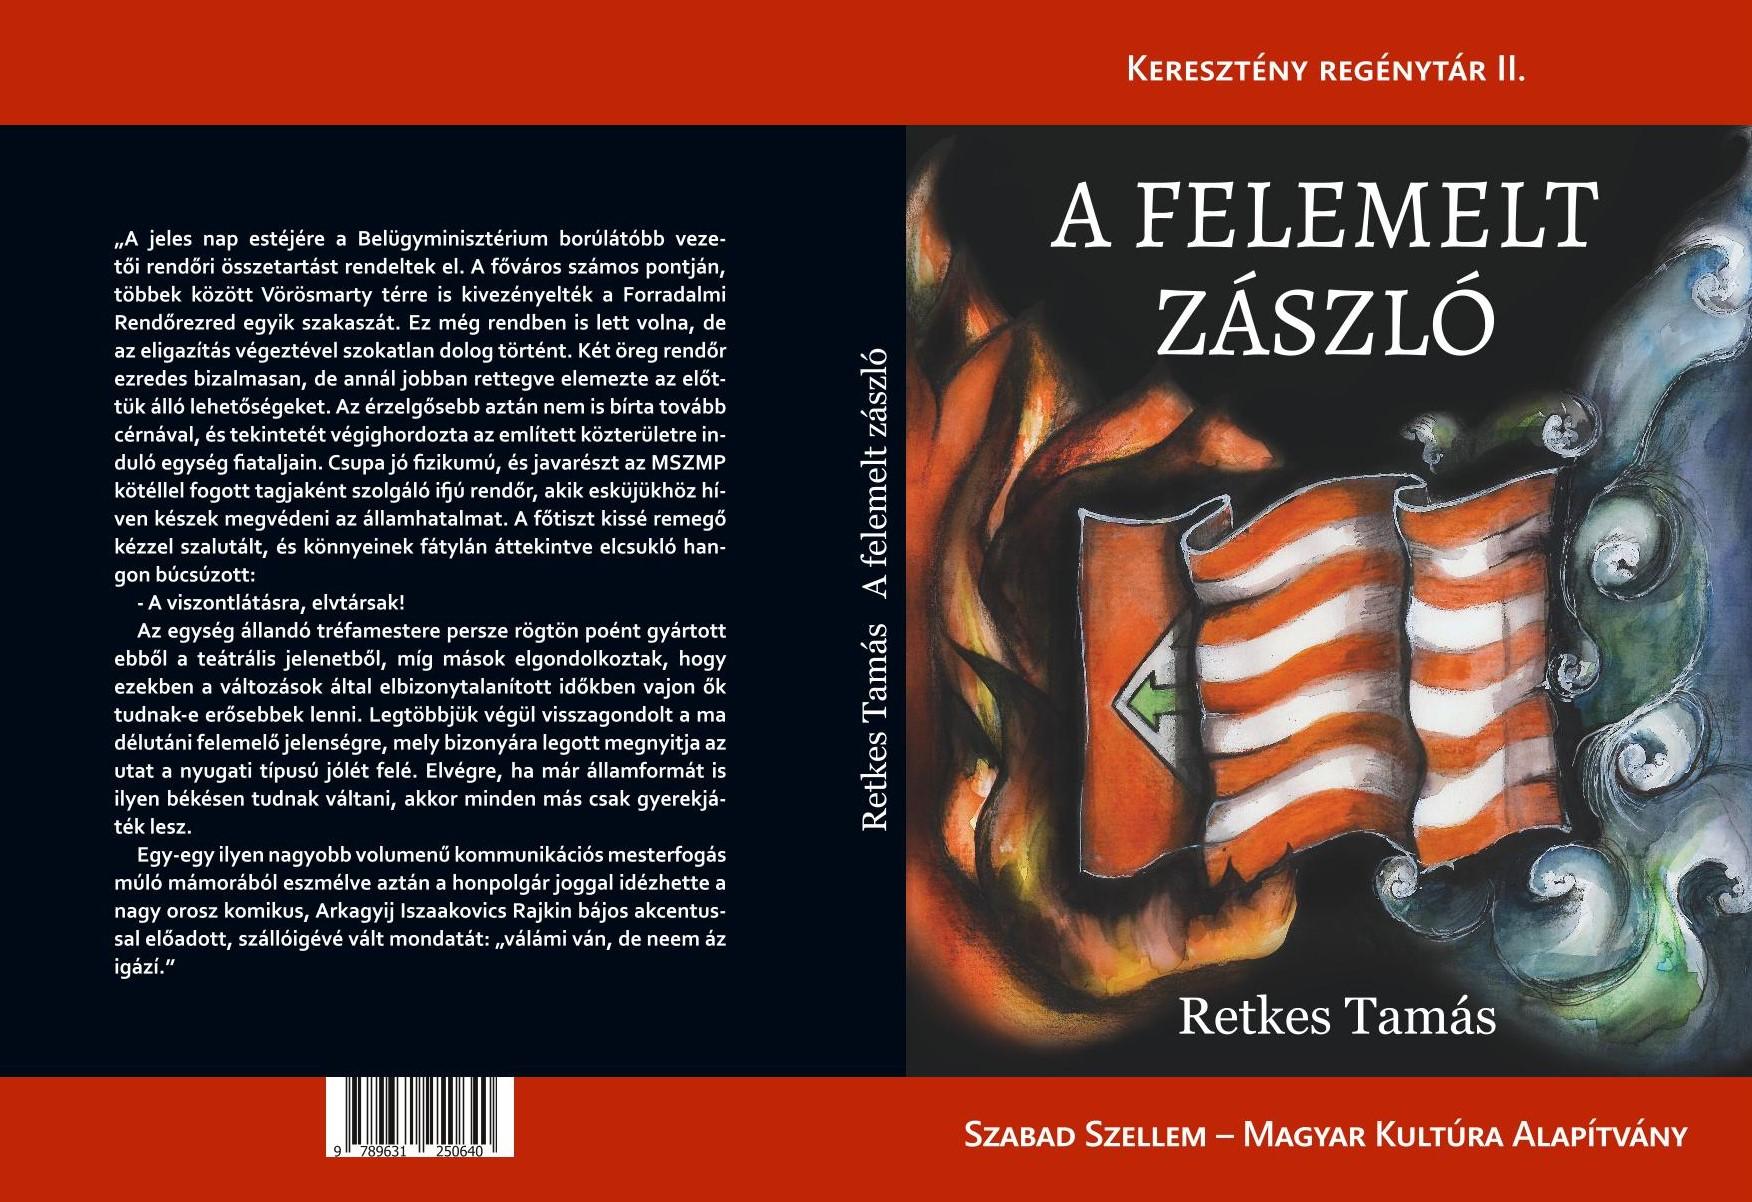 Retkes Tamás - A felemelt zászló (2020)